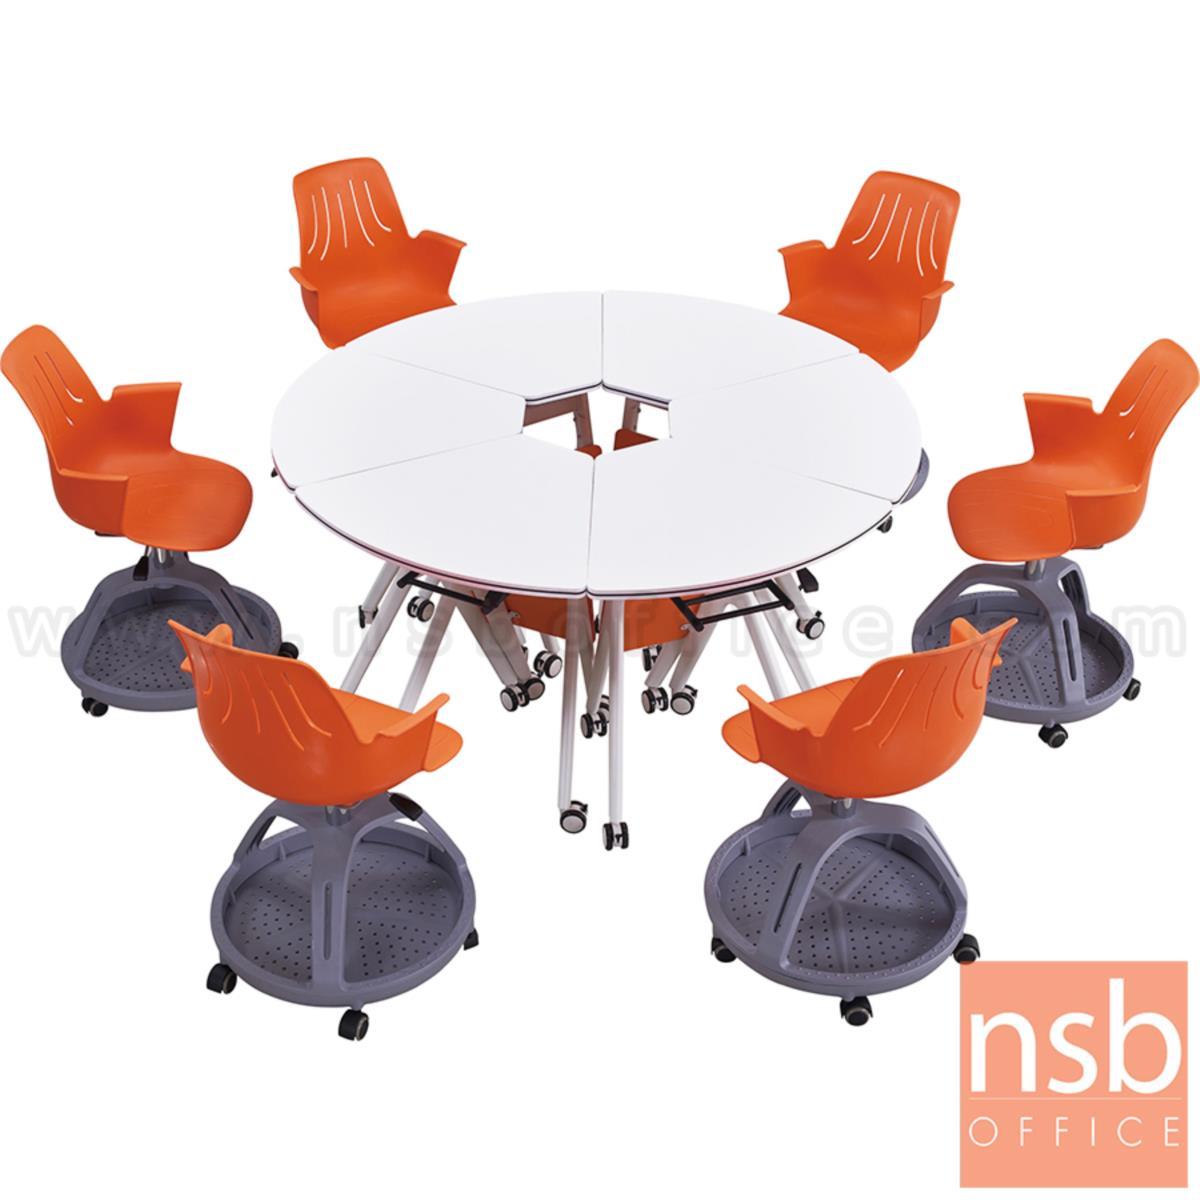 โต๊ะพับล้อเลื่อน 1/6 รุ่น Lucy (ลูซี่)  โครงเหล็กพ่นสีขาว บังตาไม้